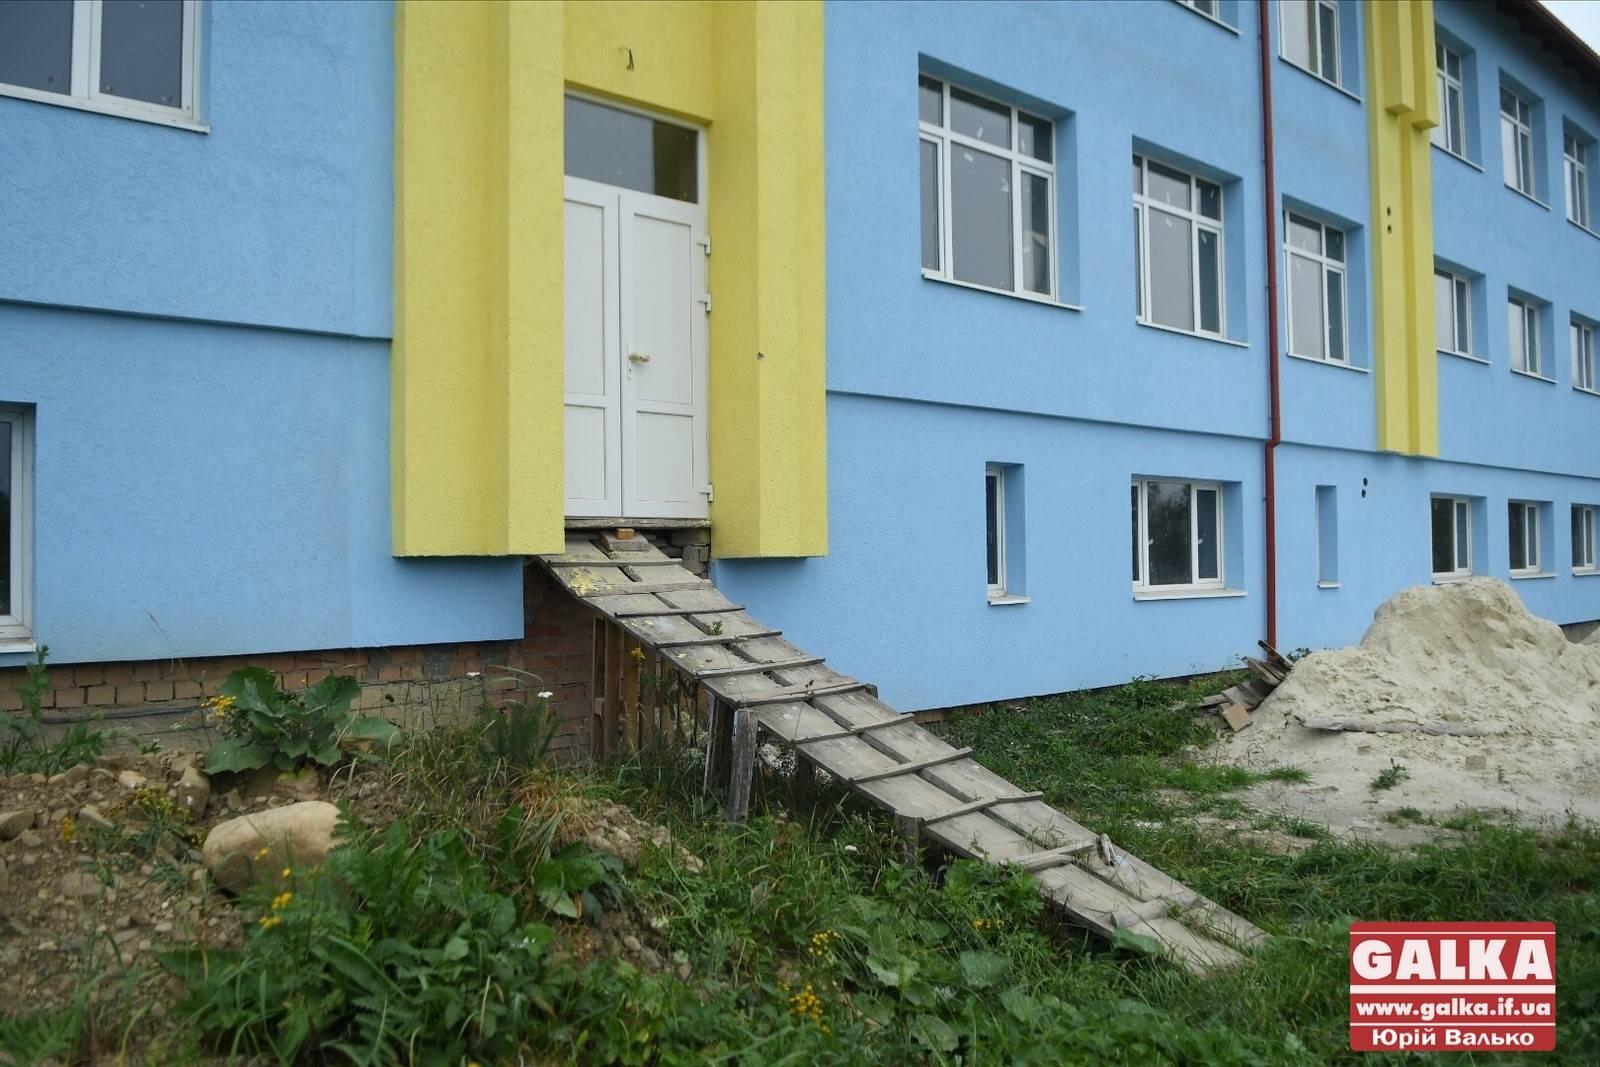 Ходять в туалет на вулицю і сидять по-троє за партою: у Космачі просять допомогти з відкриттям нового корпусу школи (ФОТО)